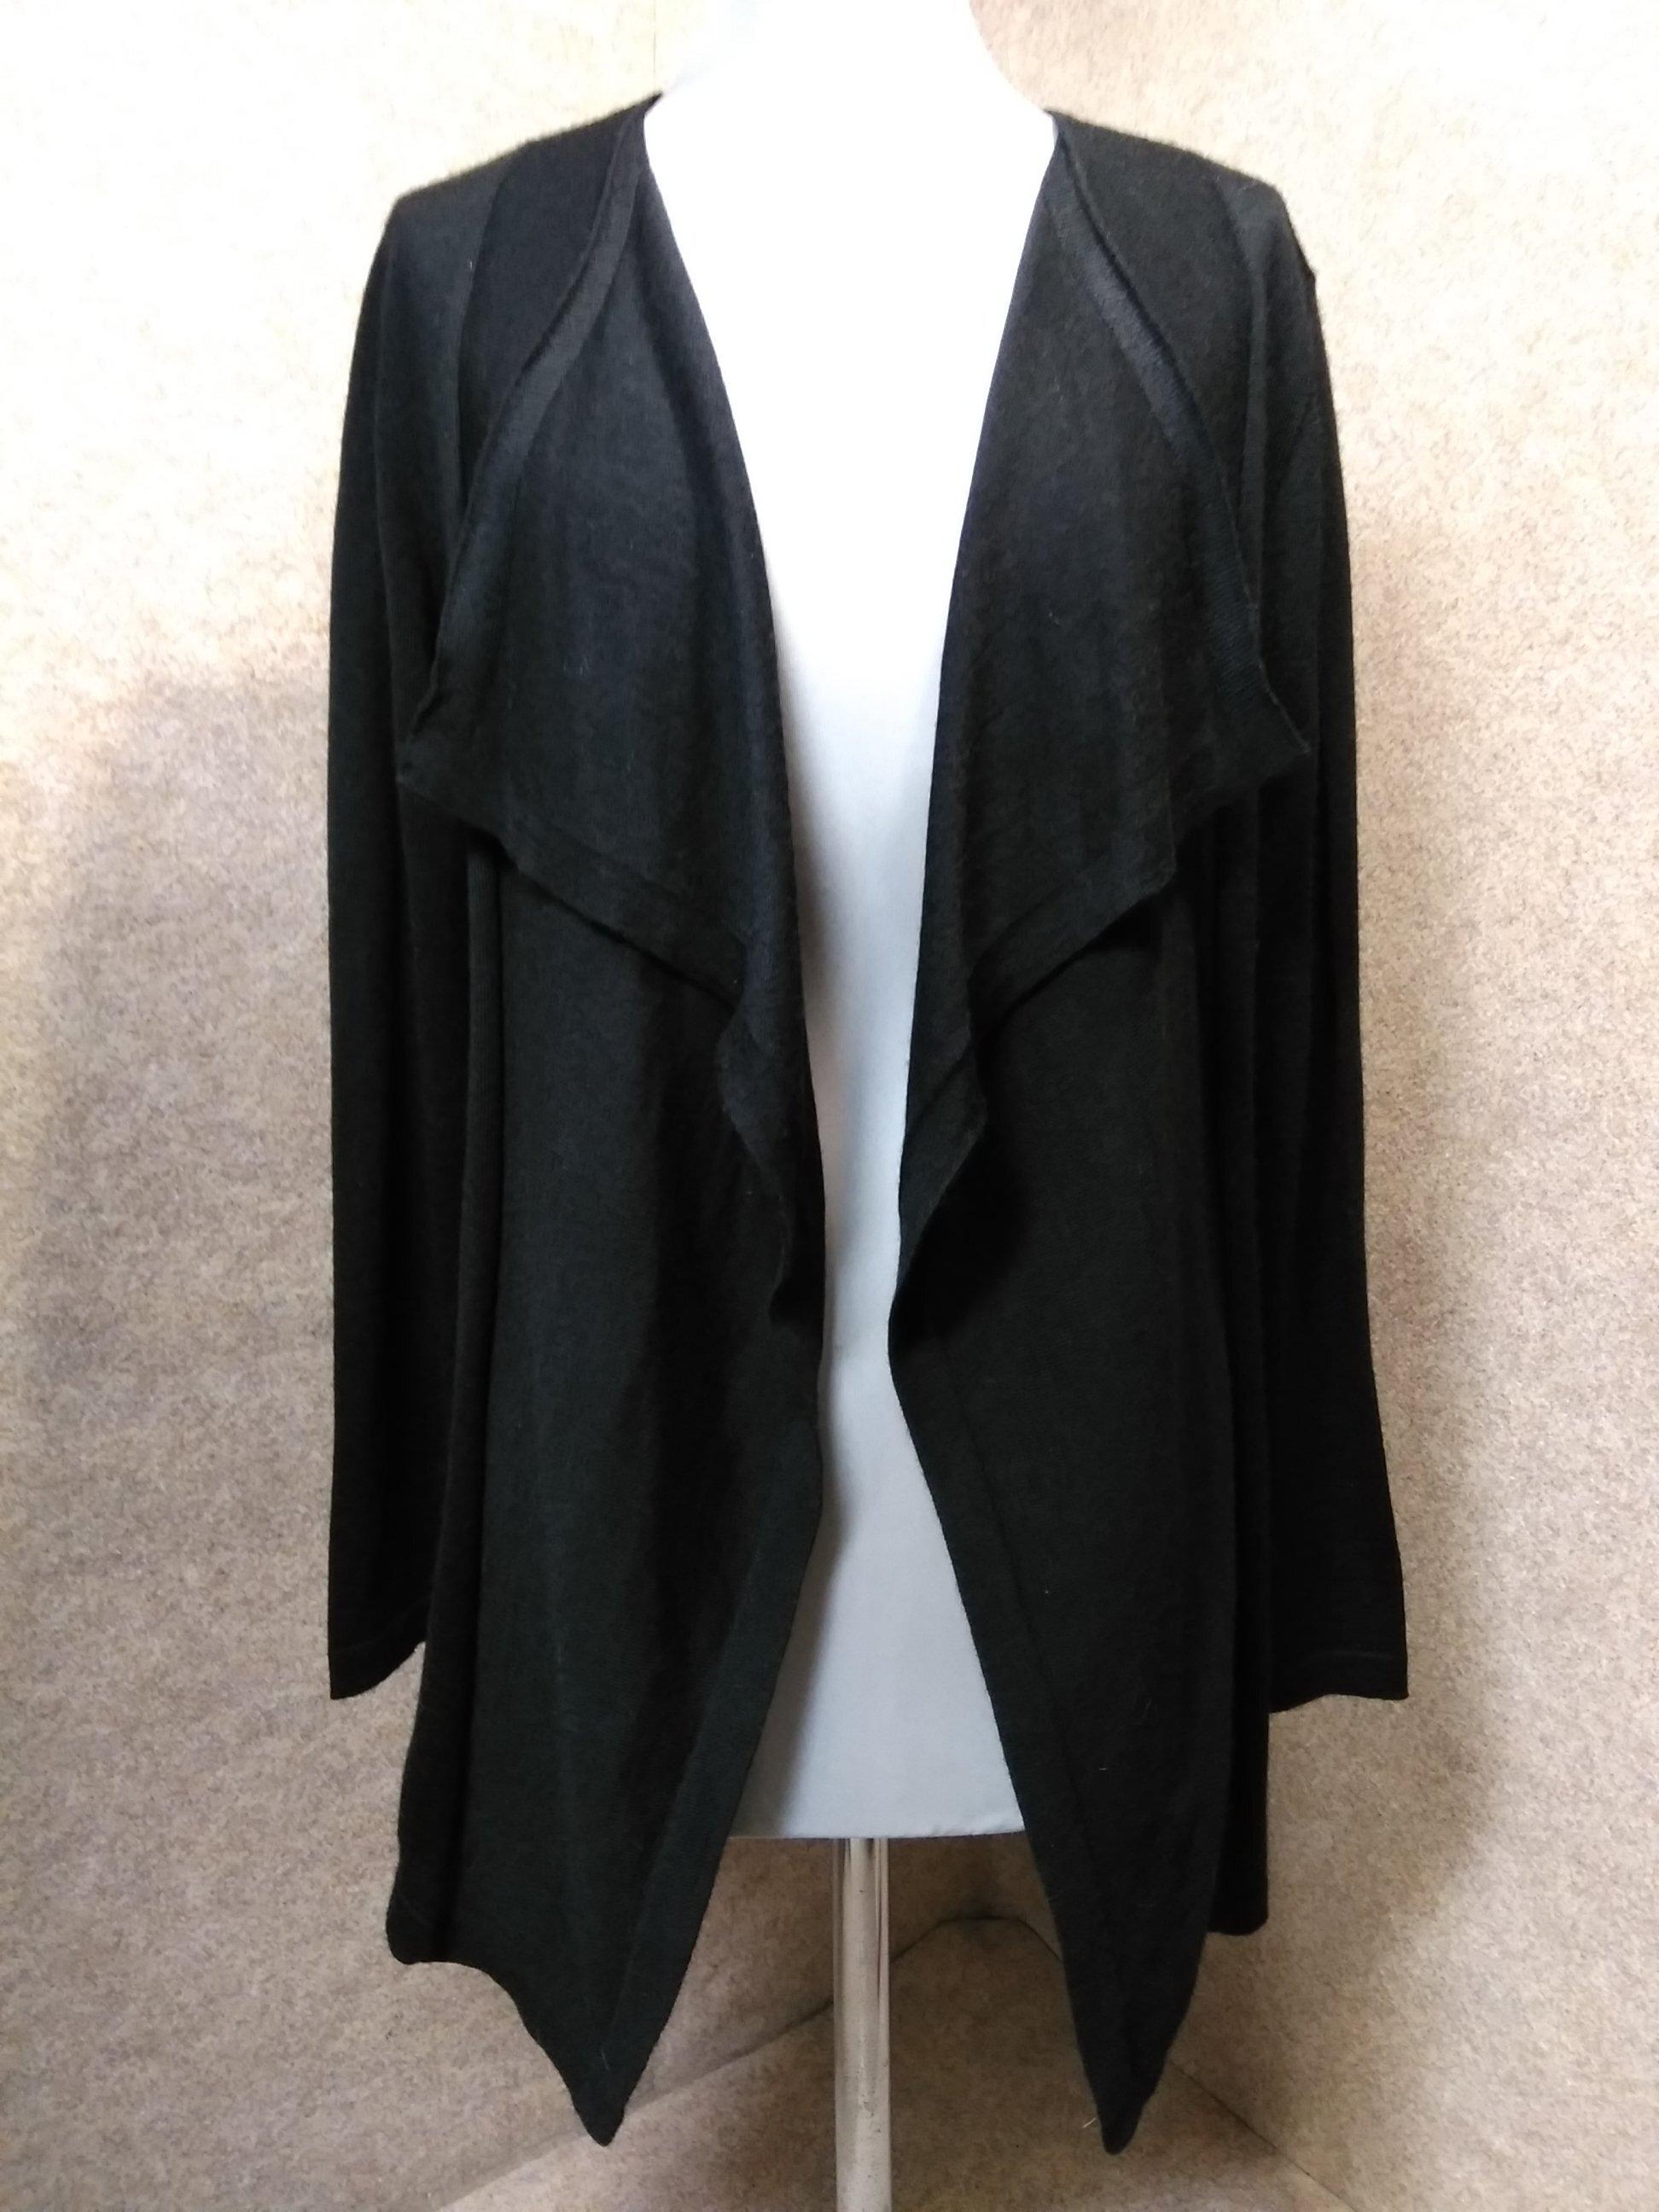 トランスワーク 羽織り カーディガン 38 黒 ウール混 mu200s